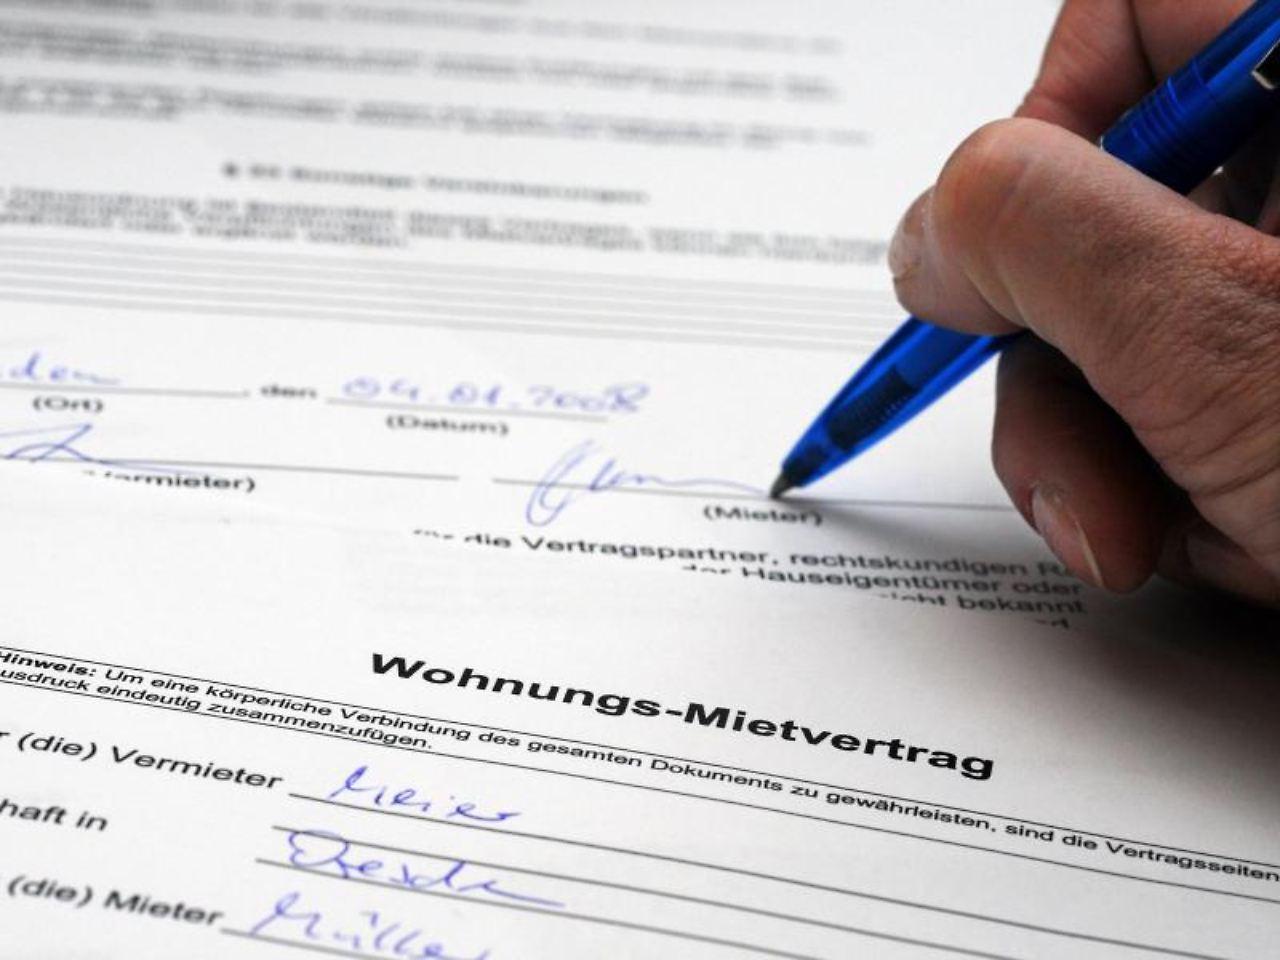 Ein Mieter, ein Wort: Mietvertragsschluss auch per Handschlag? - n-tv.de